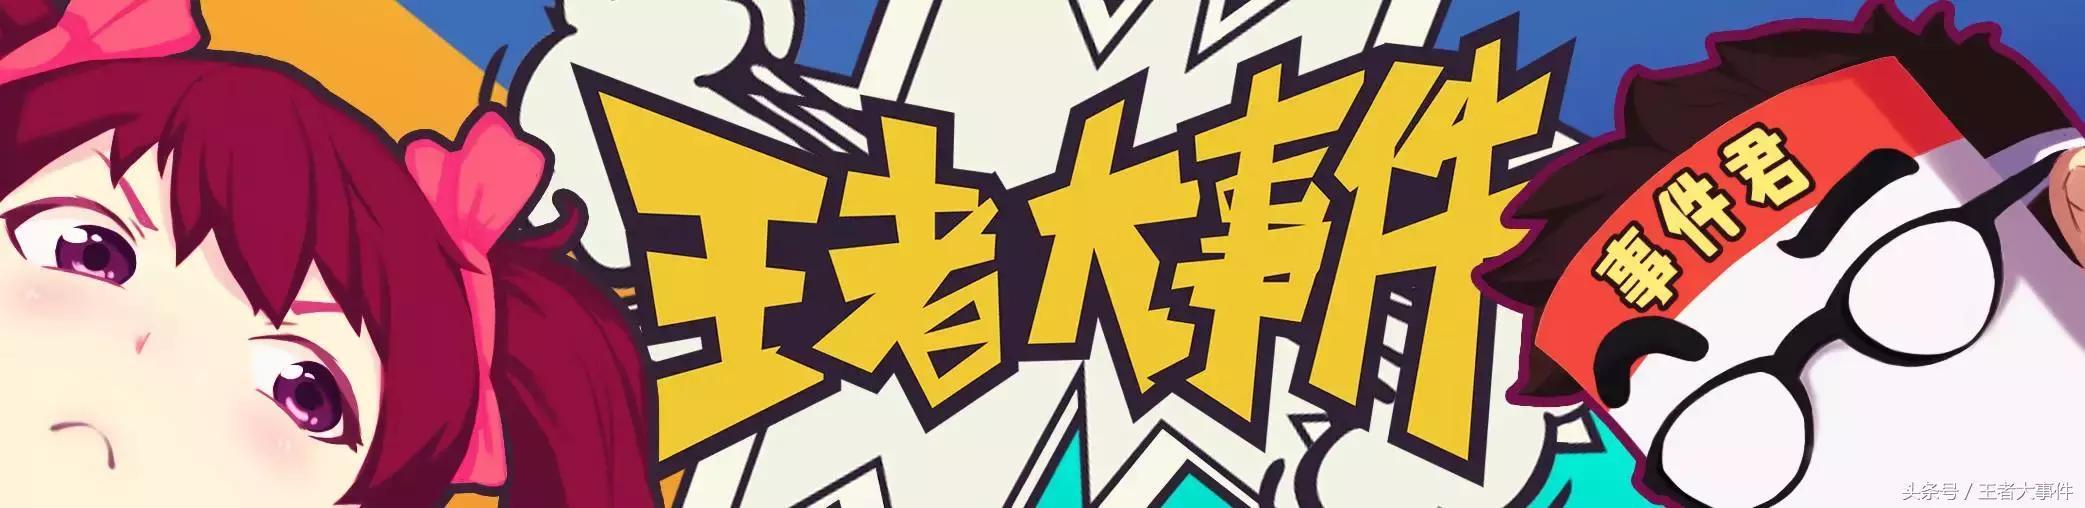 王者荣耀:大触级别玩家示爱王者荣耀,绘制巨幅画卷《守卫我们的王者长城》